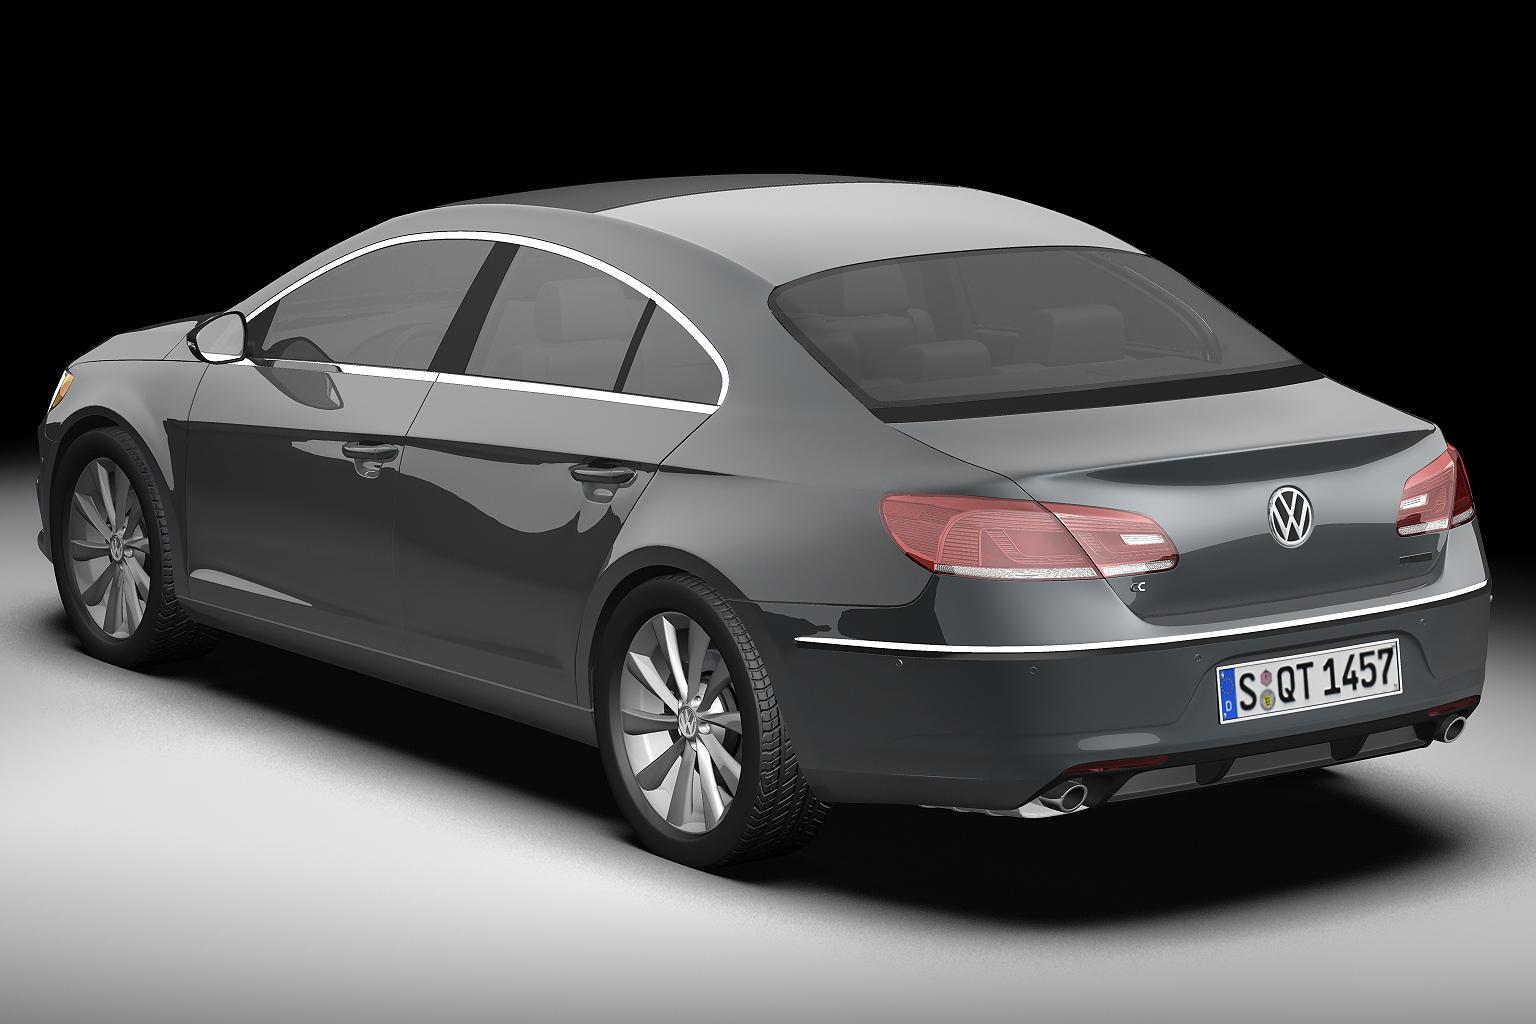 2013 volkswagen cc 3d model 3ds max fbx c4d lwo hrc xsi obj 136217